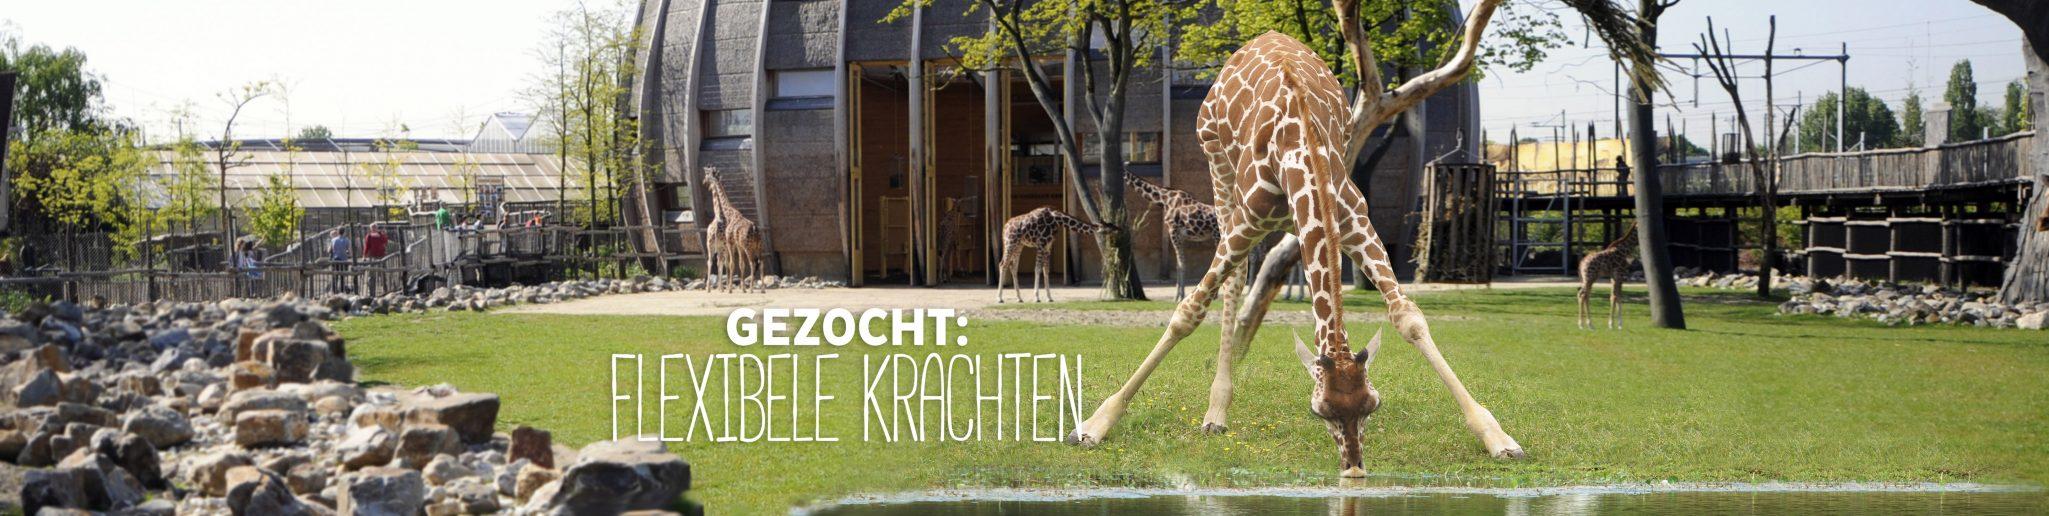 drinkende giraffe op savanne